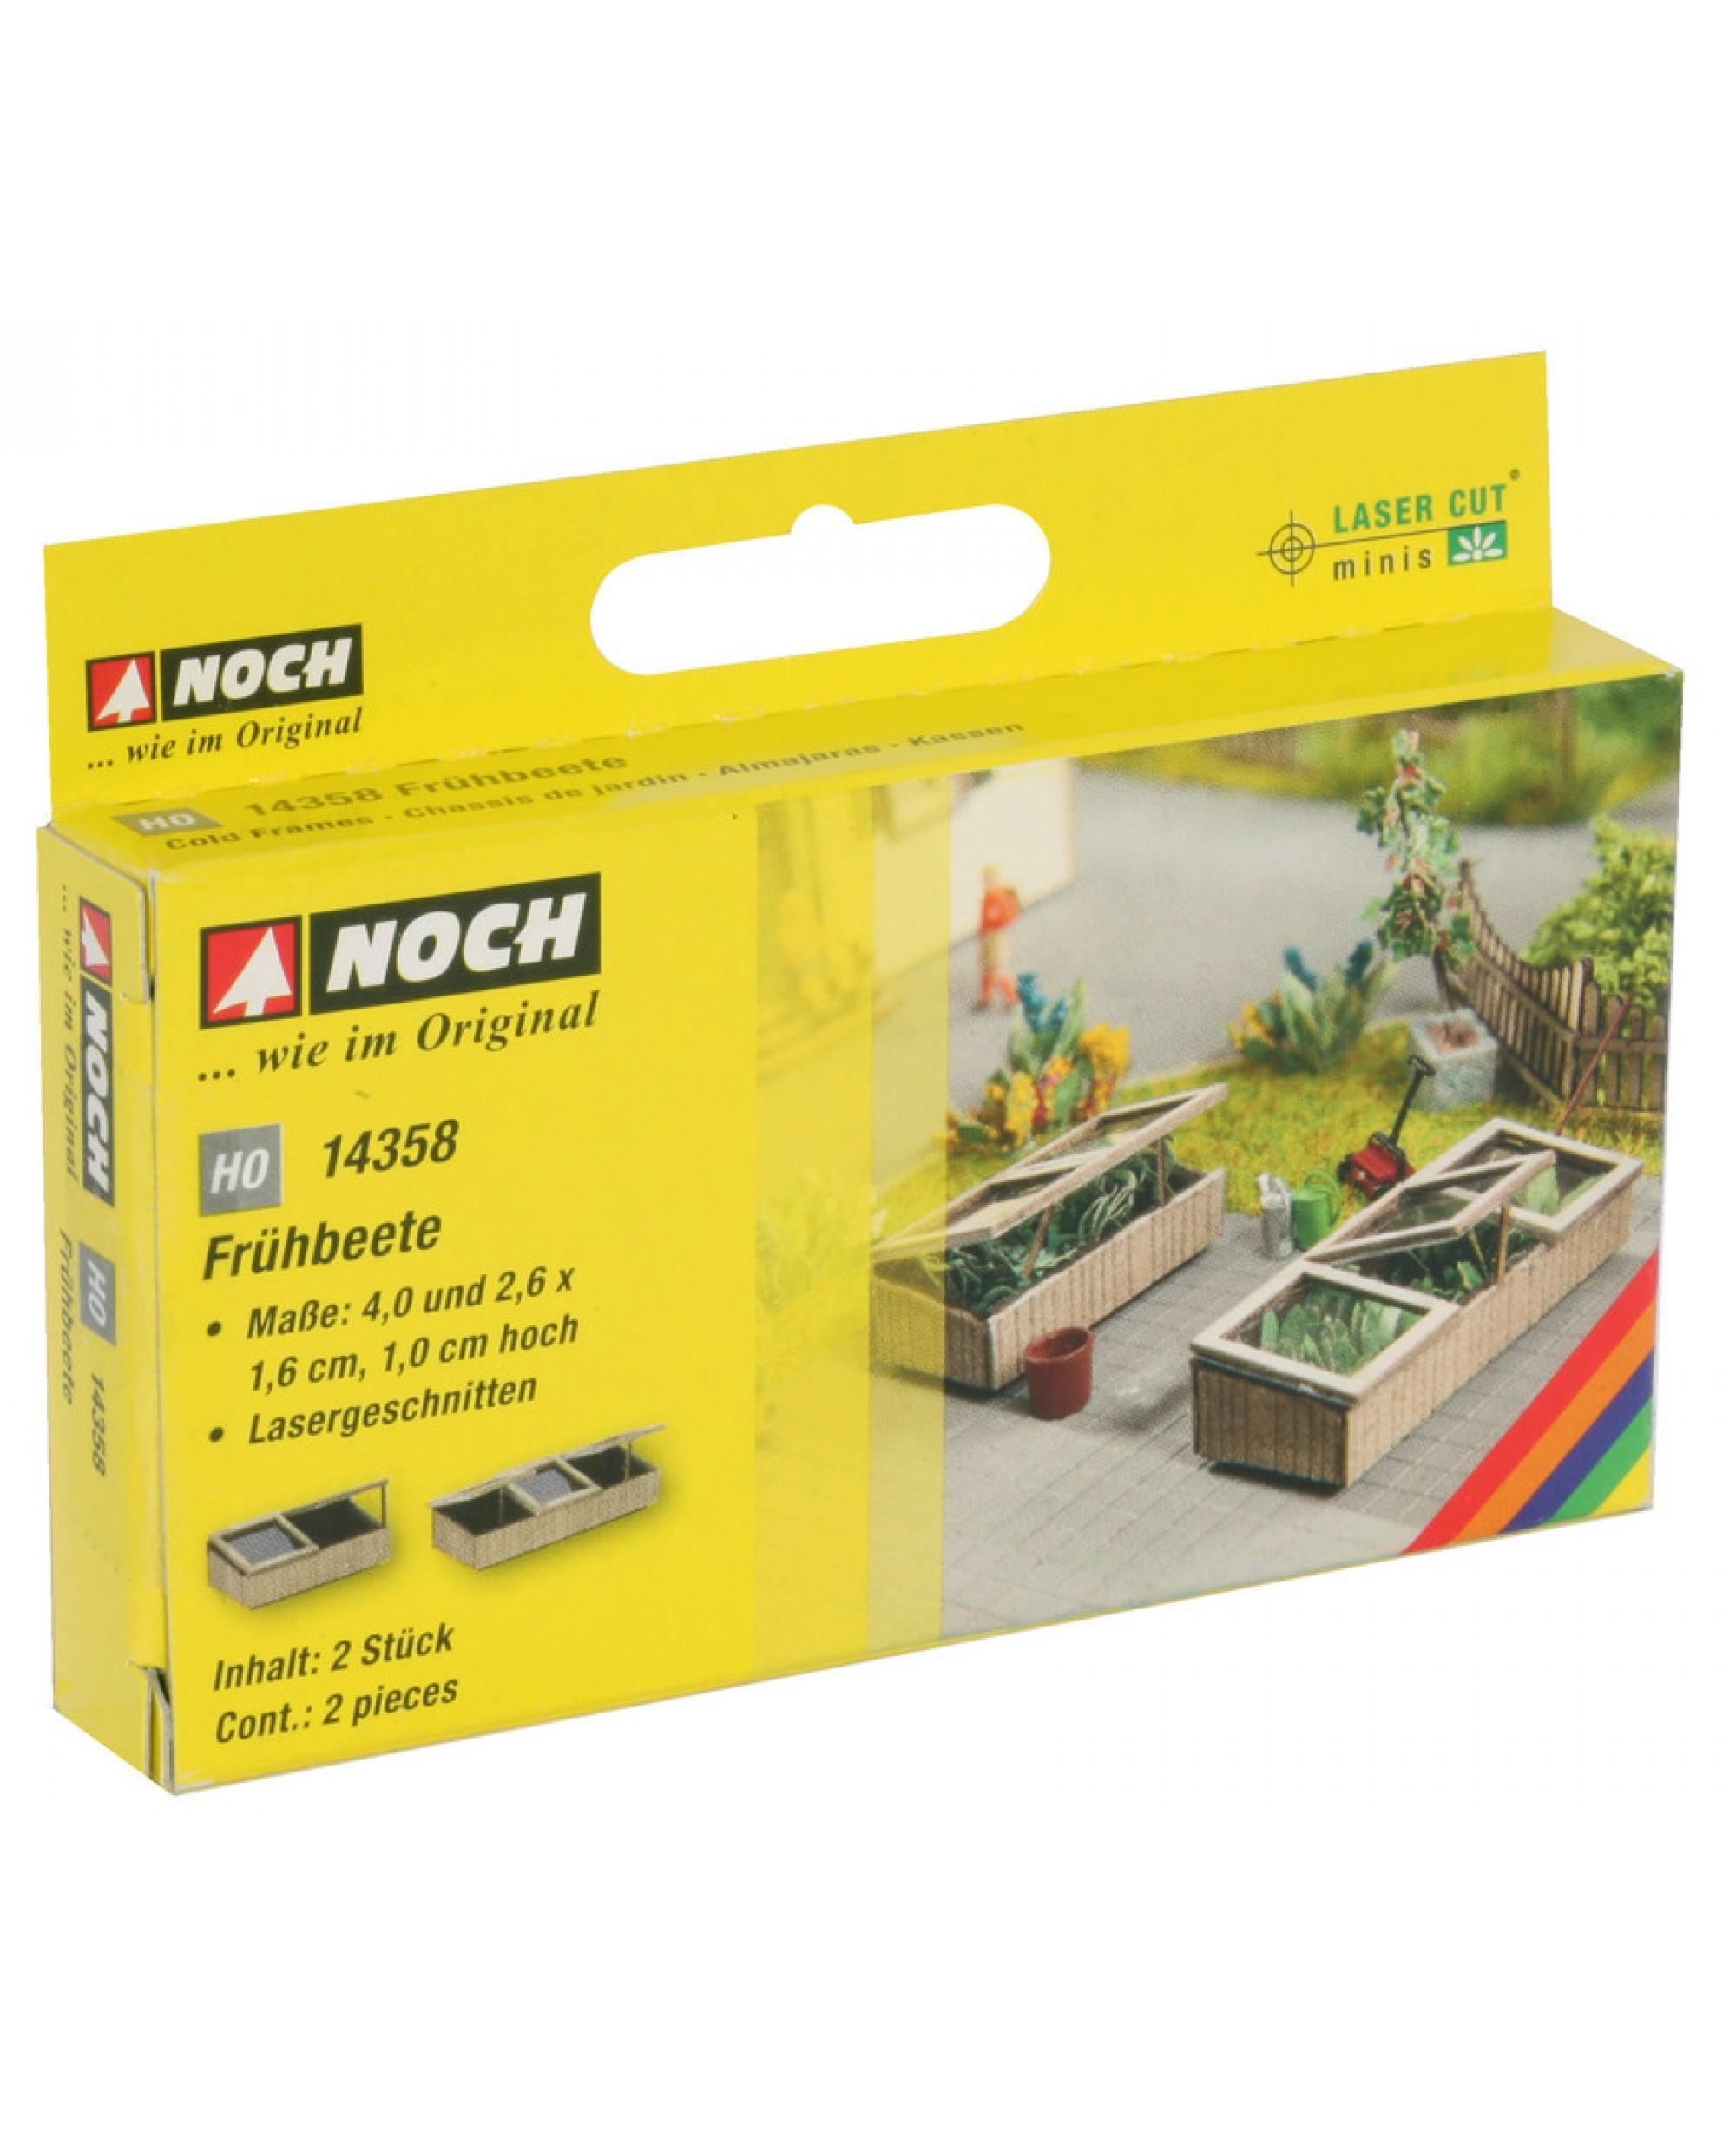 2 Petits Chassis De Jardin En Kit À Monter De Dimensions 2,6X1,6X1 Cm avec Chassis De Jardin